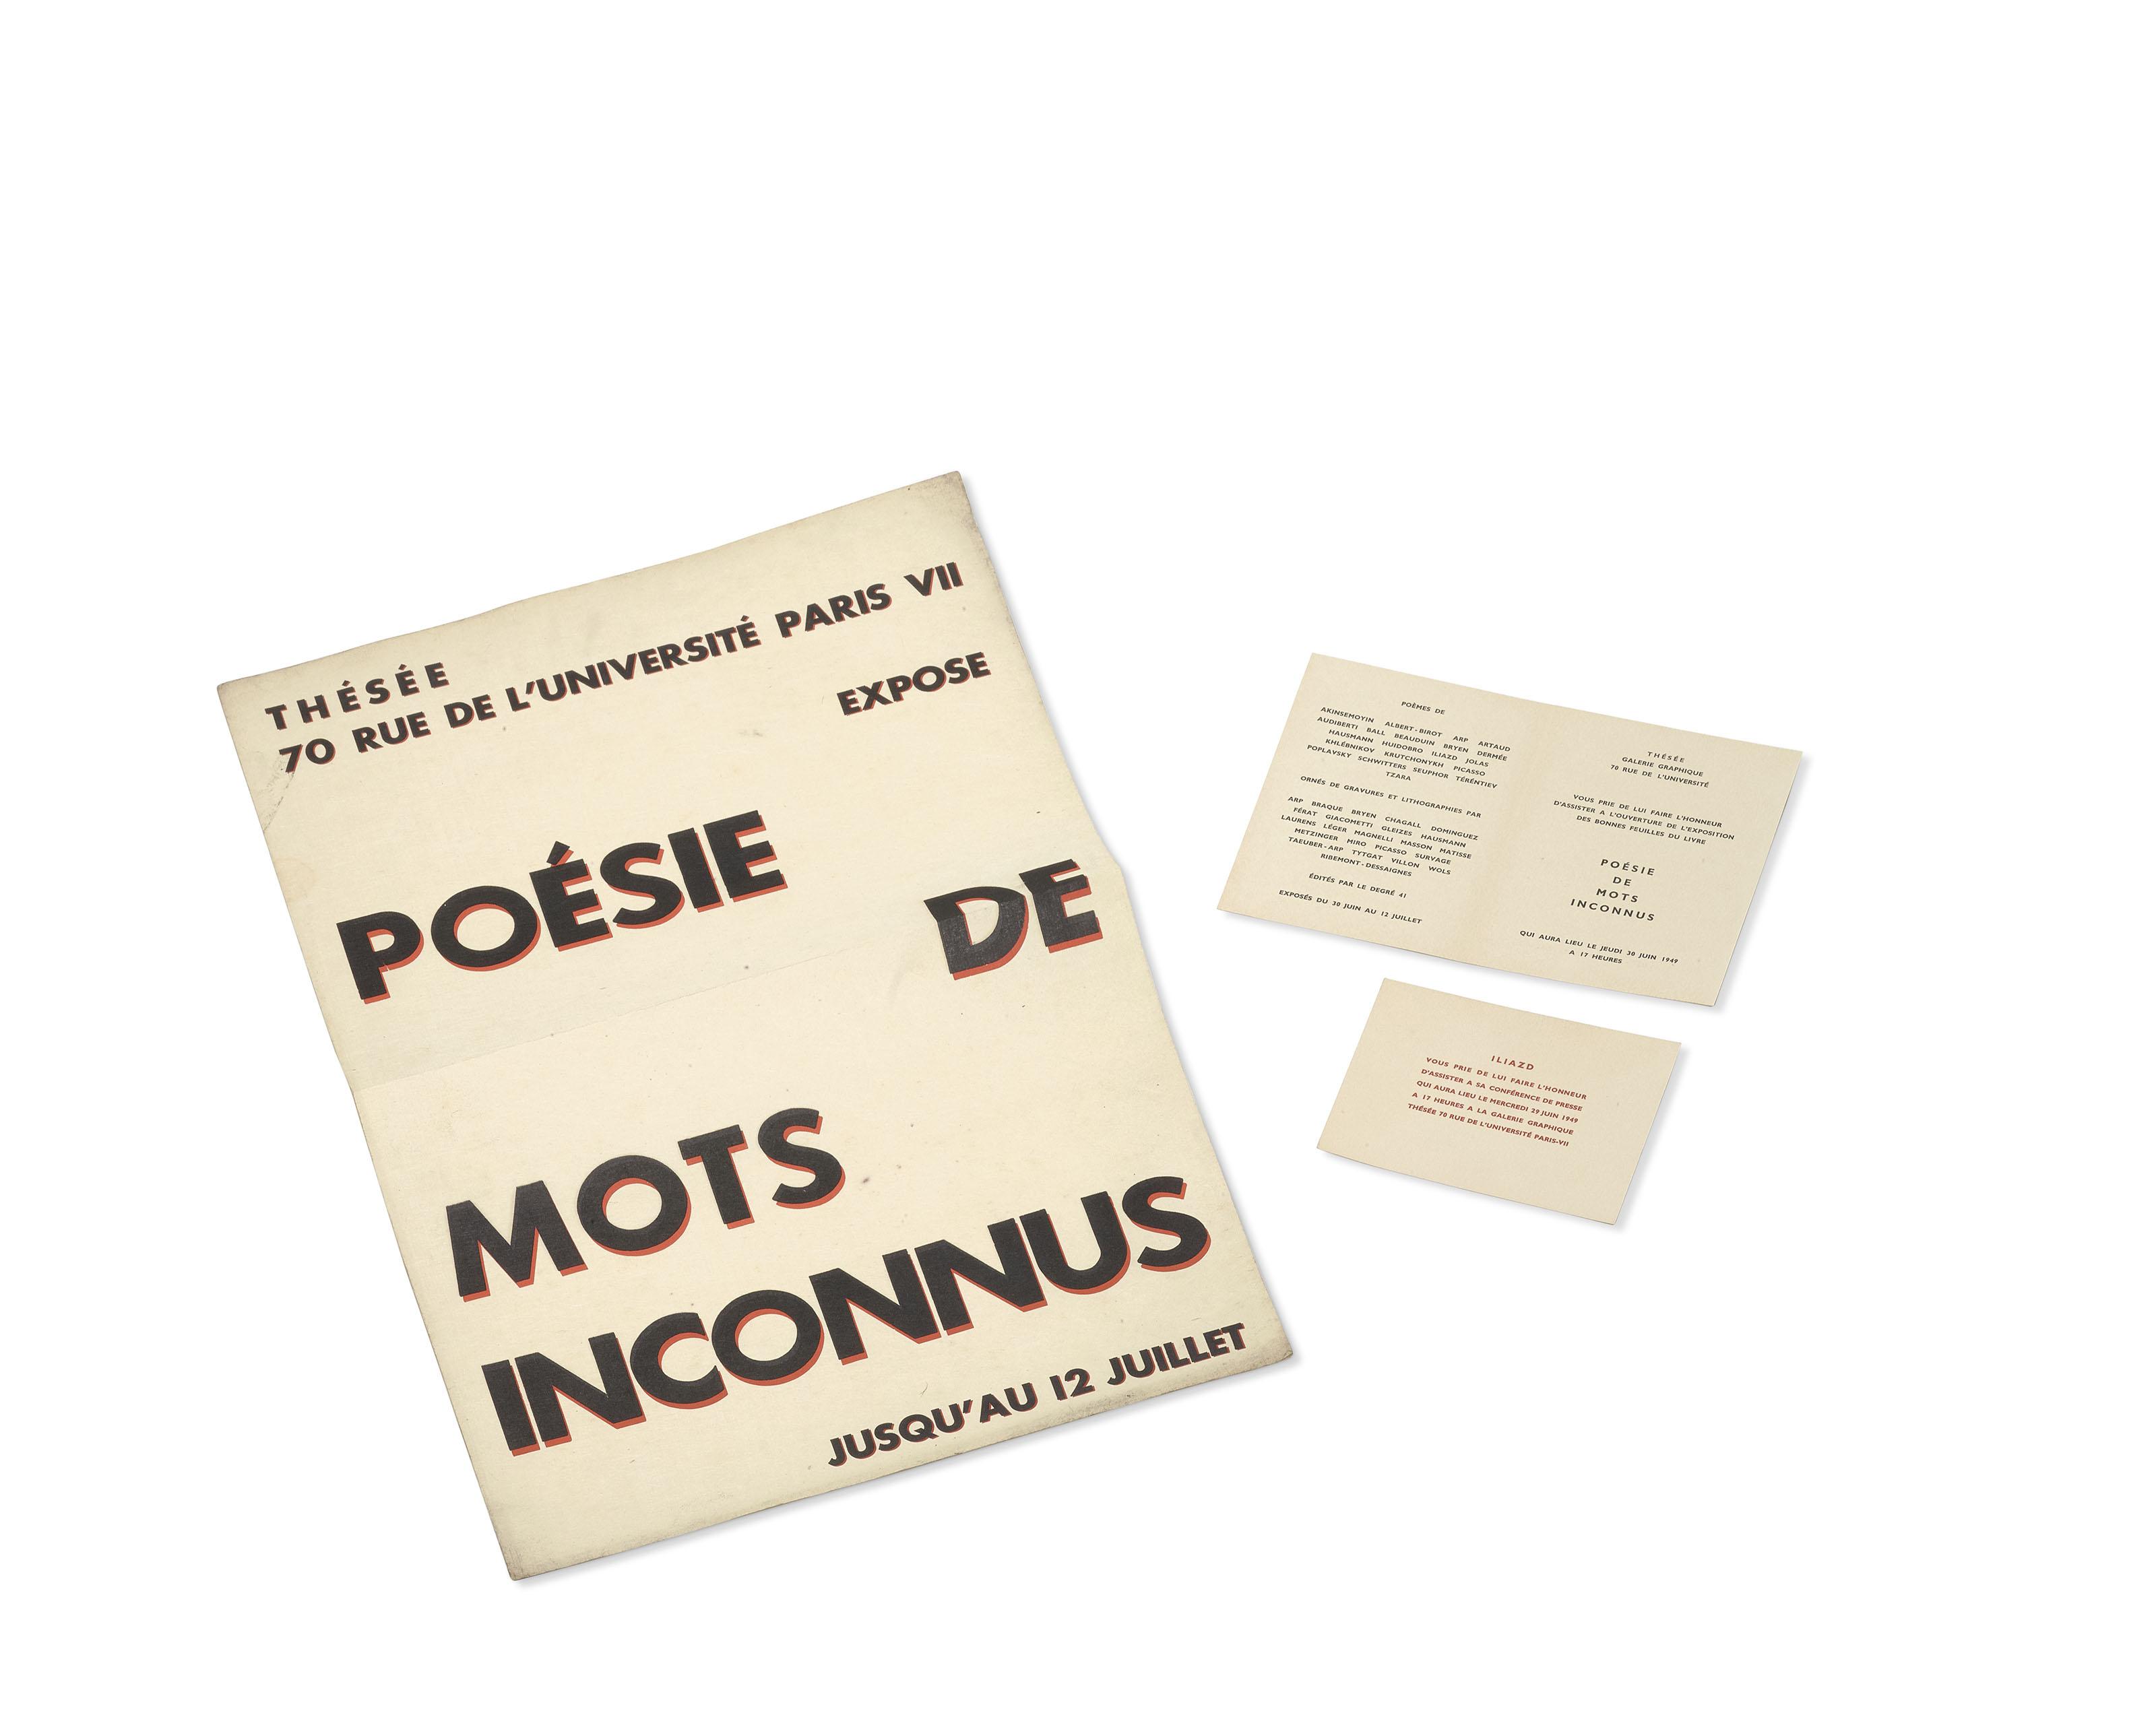 ILIAZD, Ilia Zdanevitch dit. Poésie de mots inconnus - Affiche et invitations. 1949